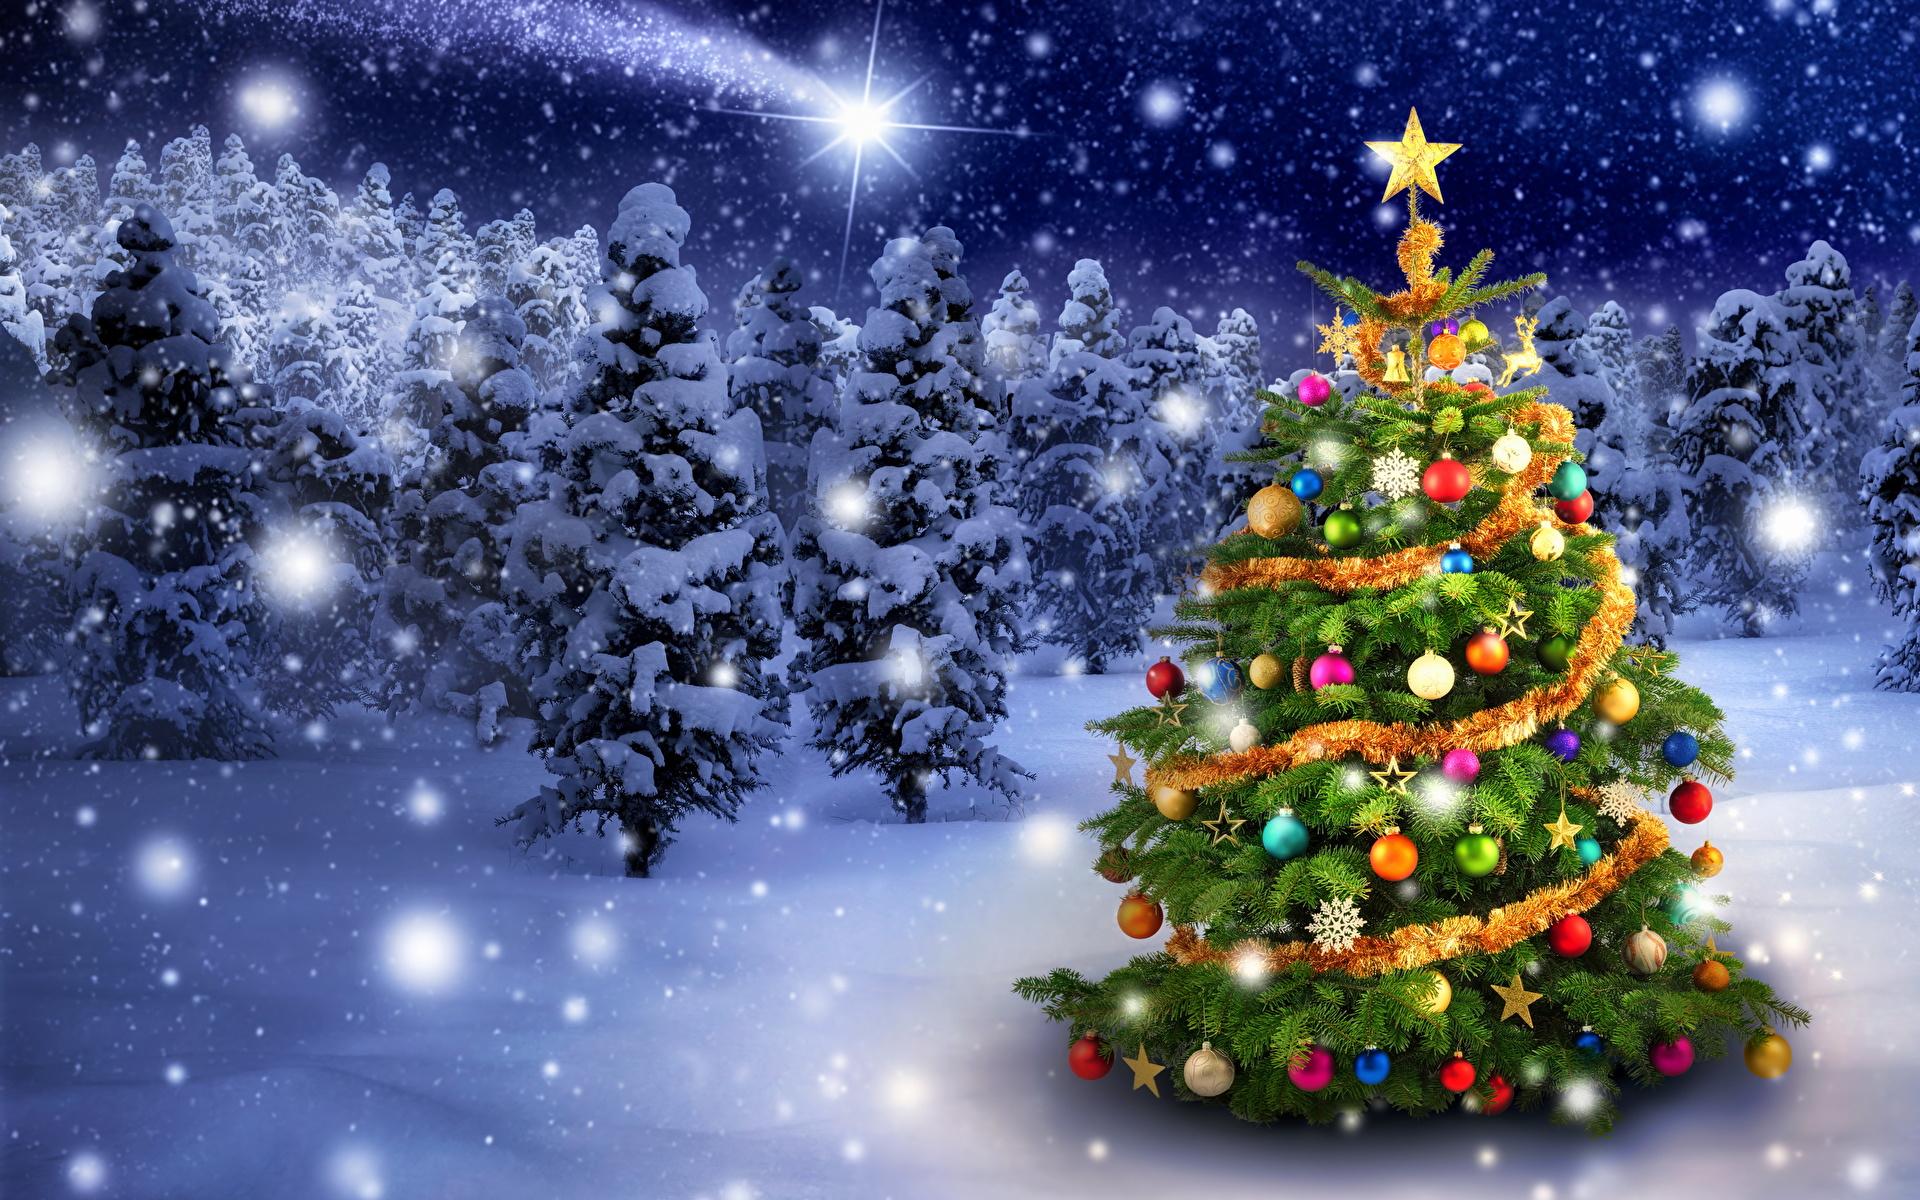 https://s1.1zoom.ru/b5050/547/Christmas_Christmas_tree_466769_1920x1200.jpg